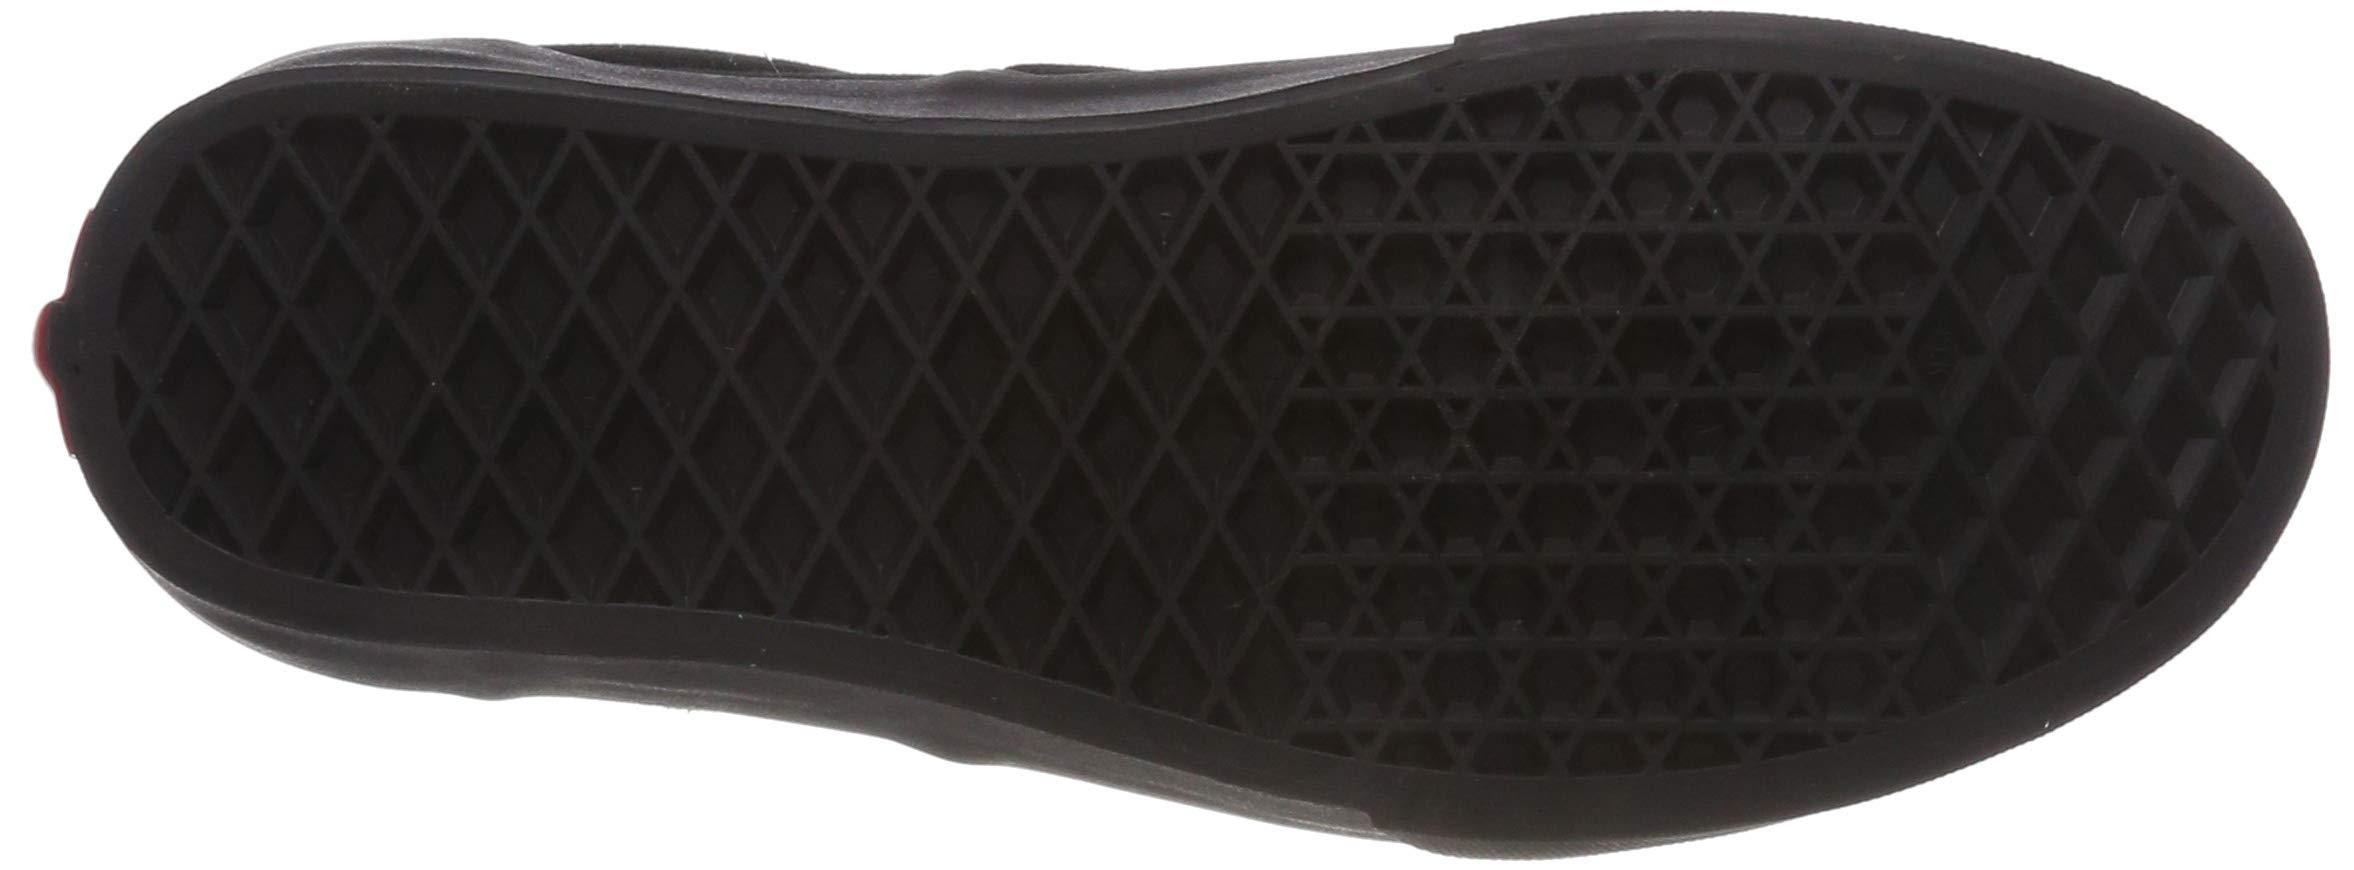 7155b106e4 Vans Unisex s ERA BLACK BLACK SKATE SHOES 8.5 Men US   10 Women US (BLACK  BLACK) - VN000QFKBKA   Fashion Sneakers   Clothing